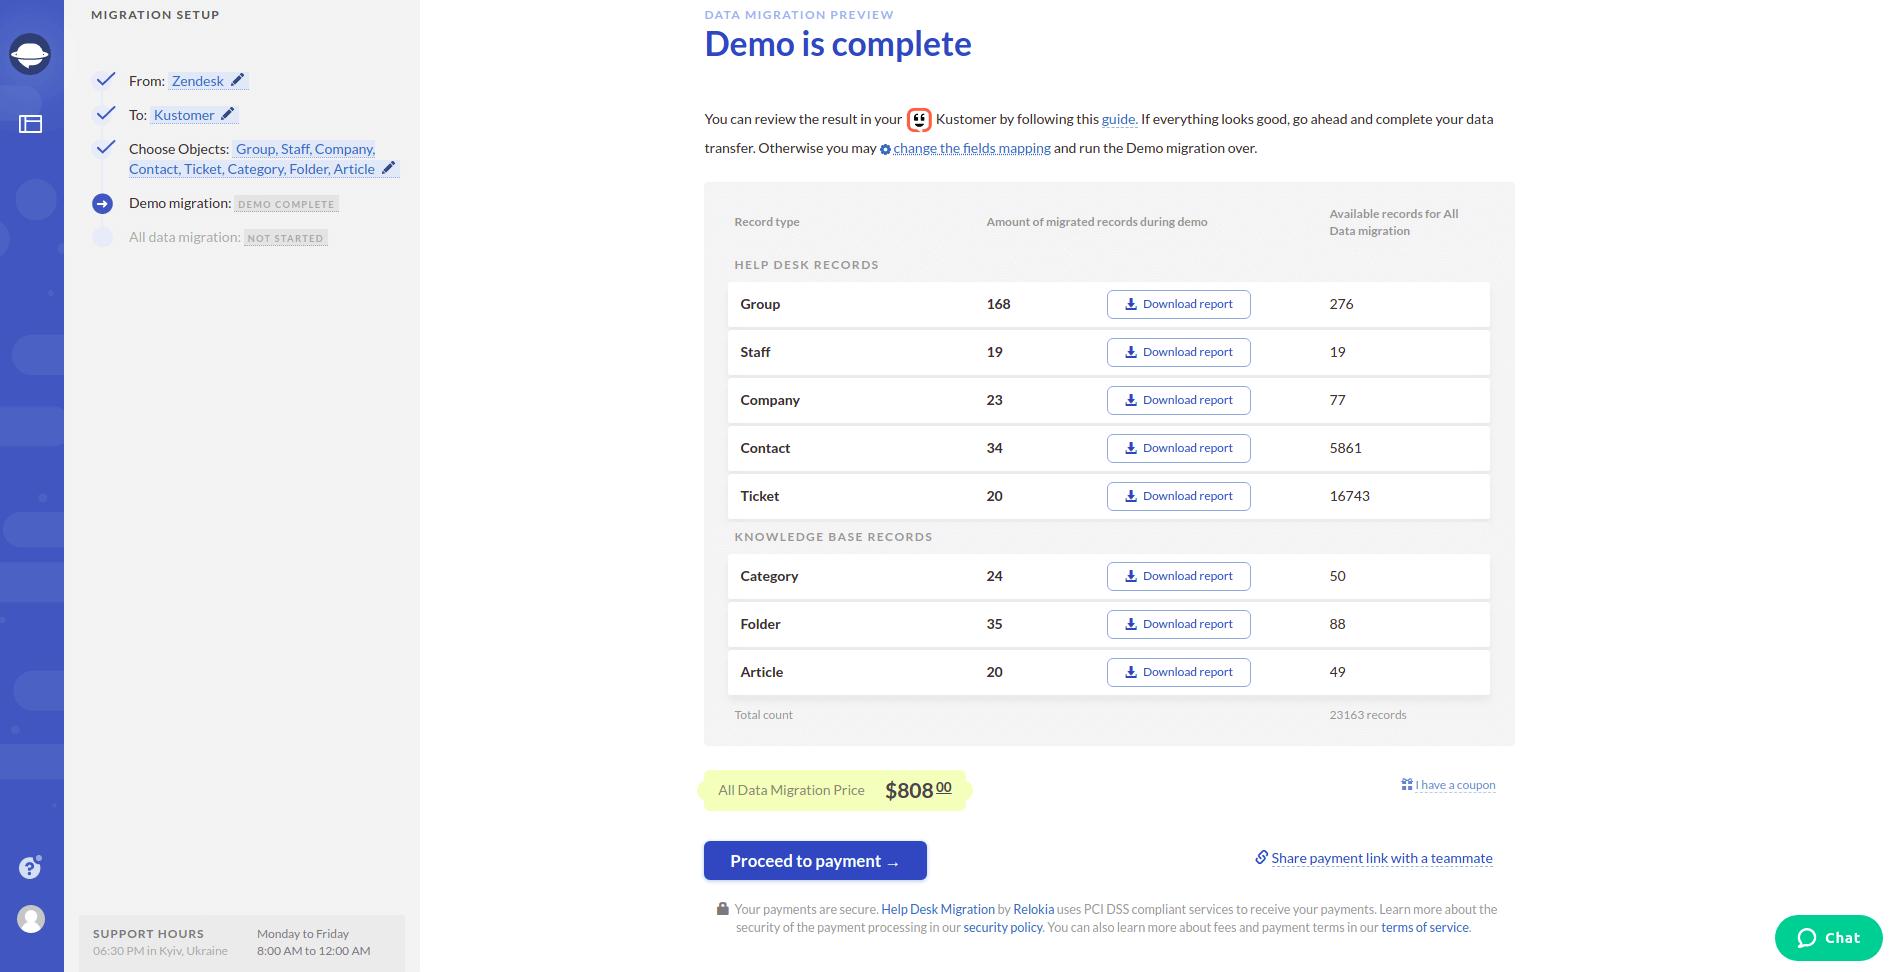 Demo is Complete Screenshot